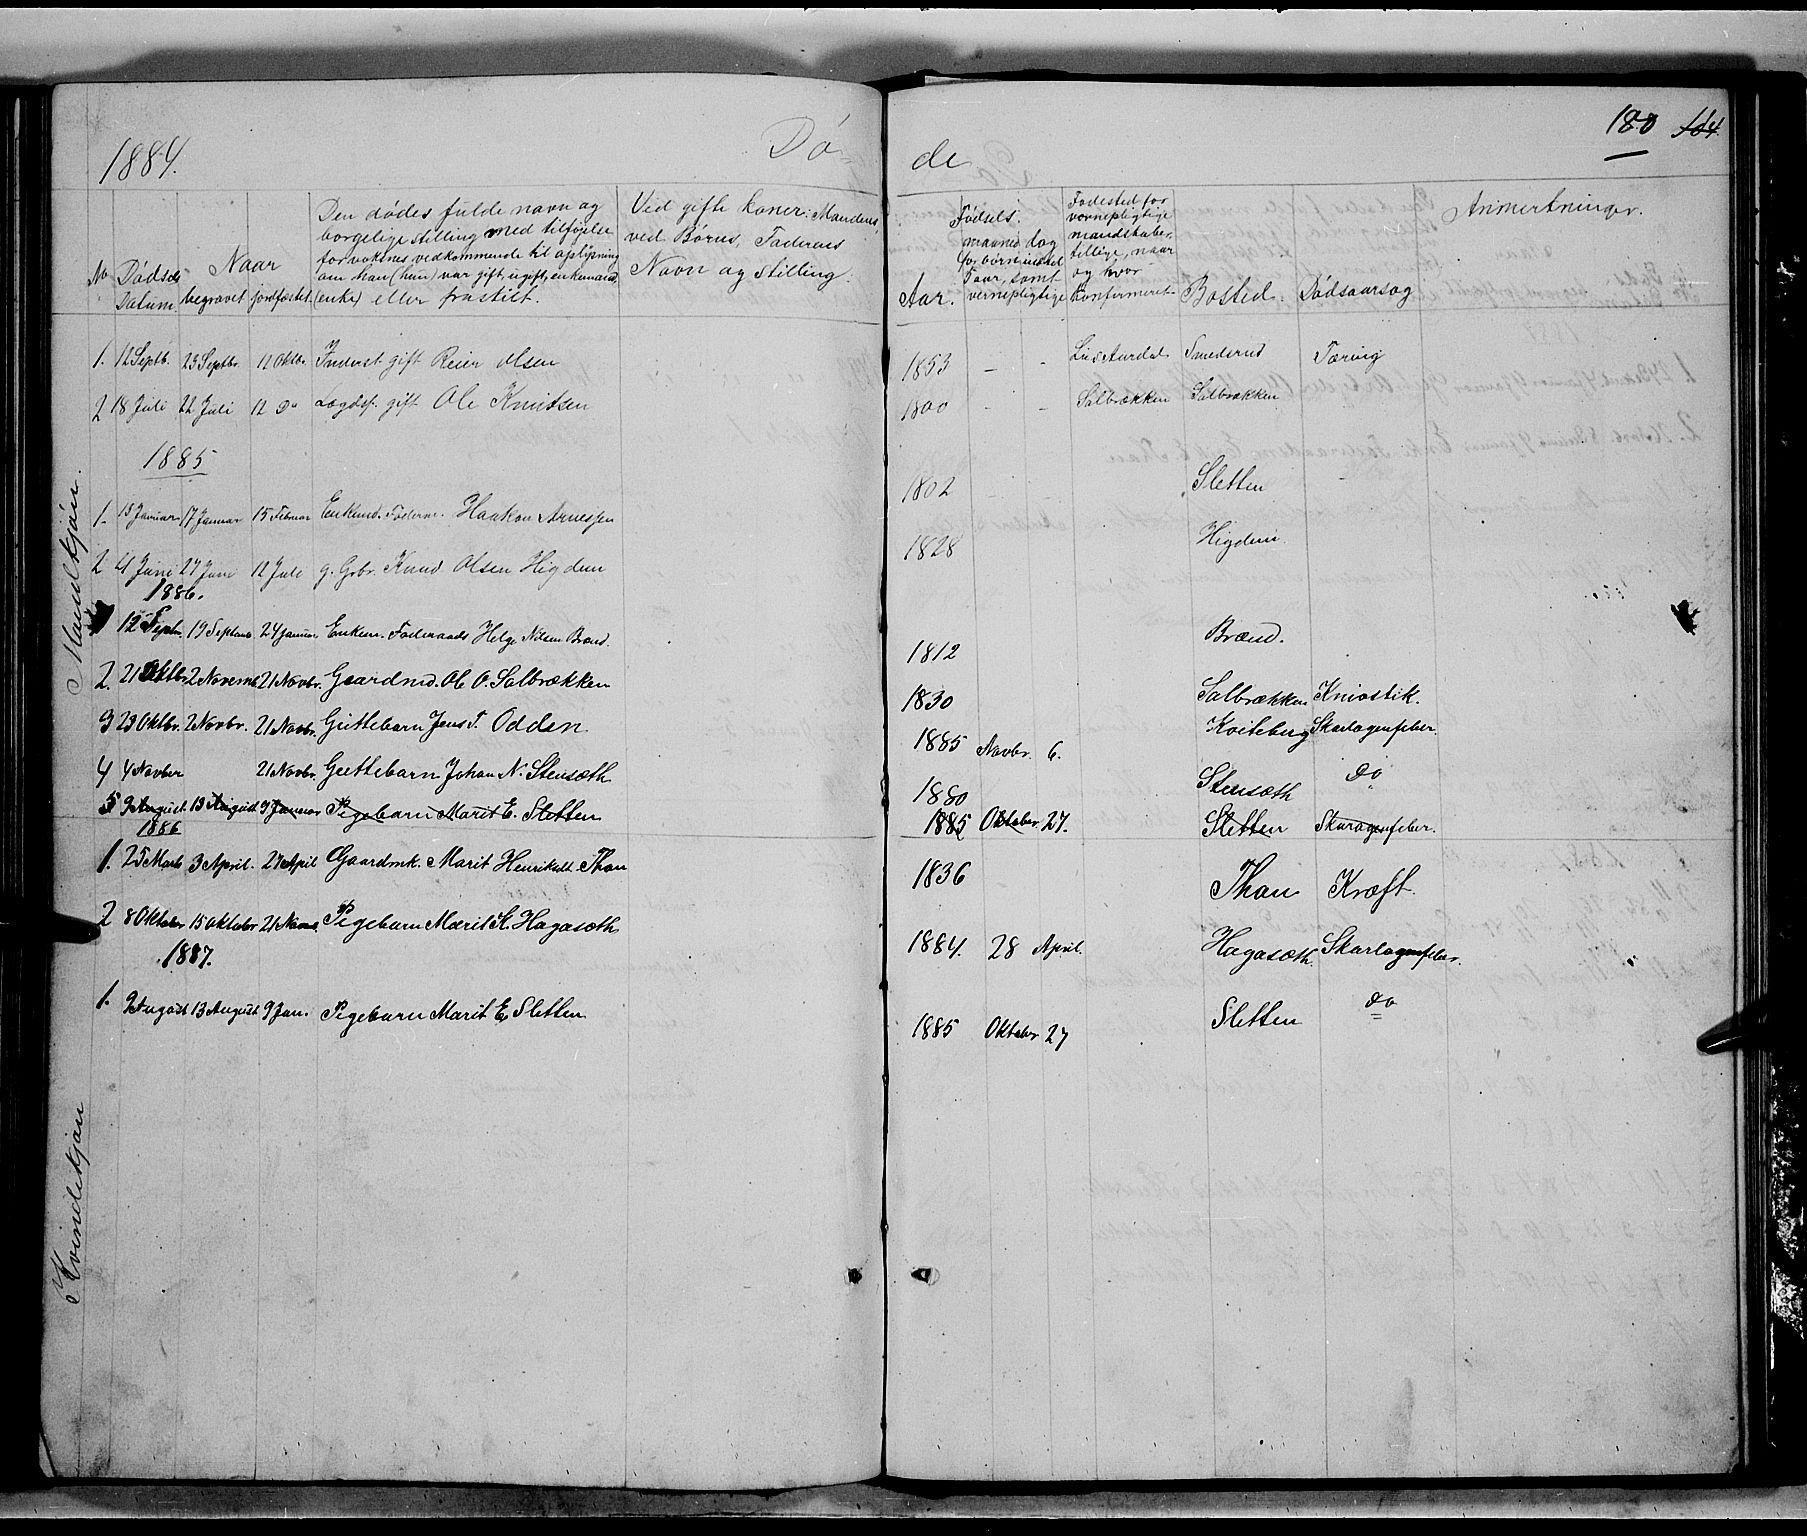 SAH, Nord-Aurdal prestekontor, Klokkerbok nr. 5, 1876-1895, s. 180